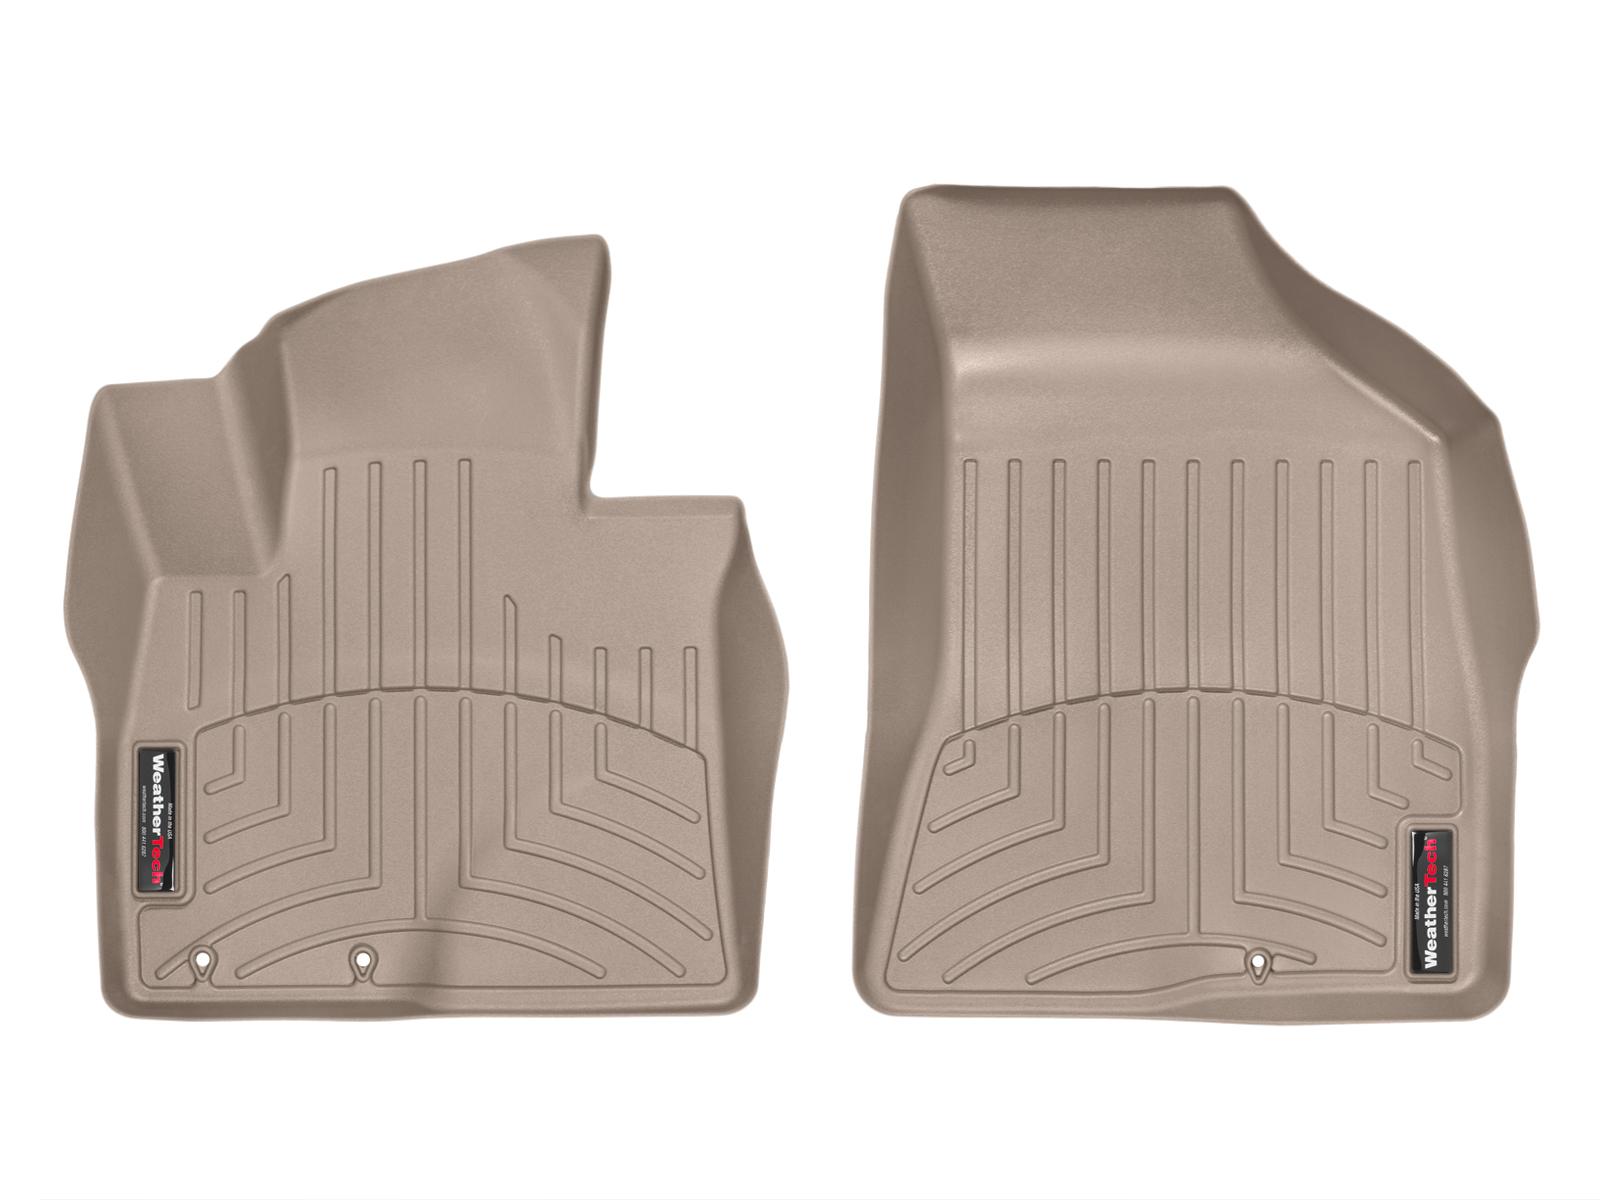 Tappeti gomma su misura bordo alto Hyundai Santa Fe 12>12 Marrone A1483